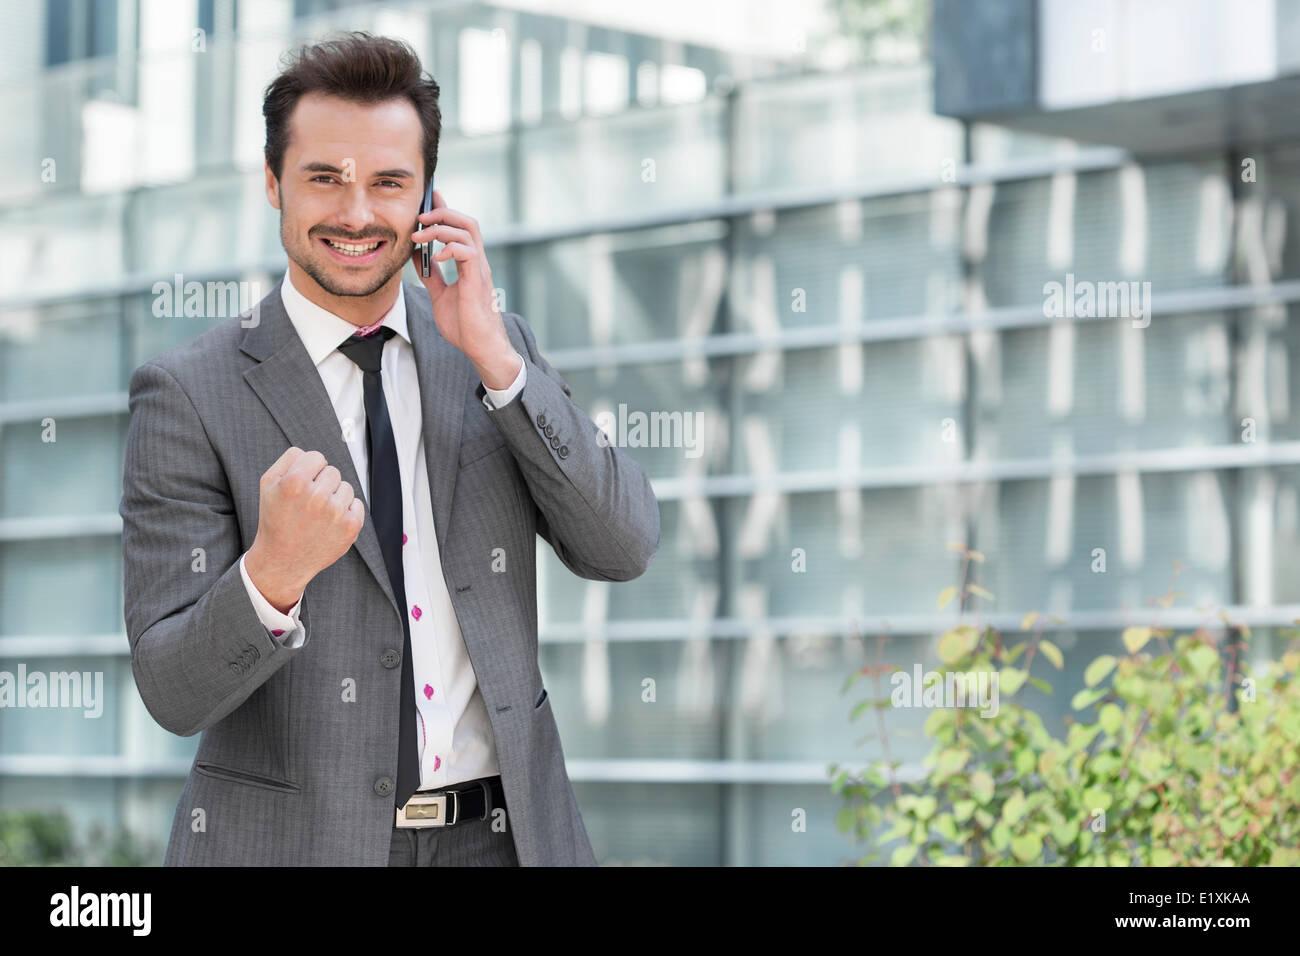 retrato del joven empresario exitoso utilizando teléfono celular